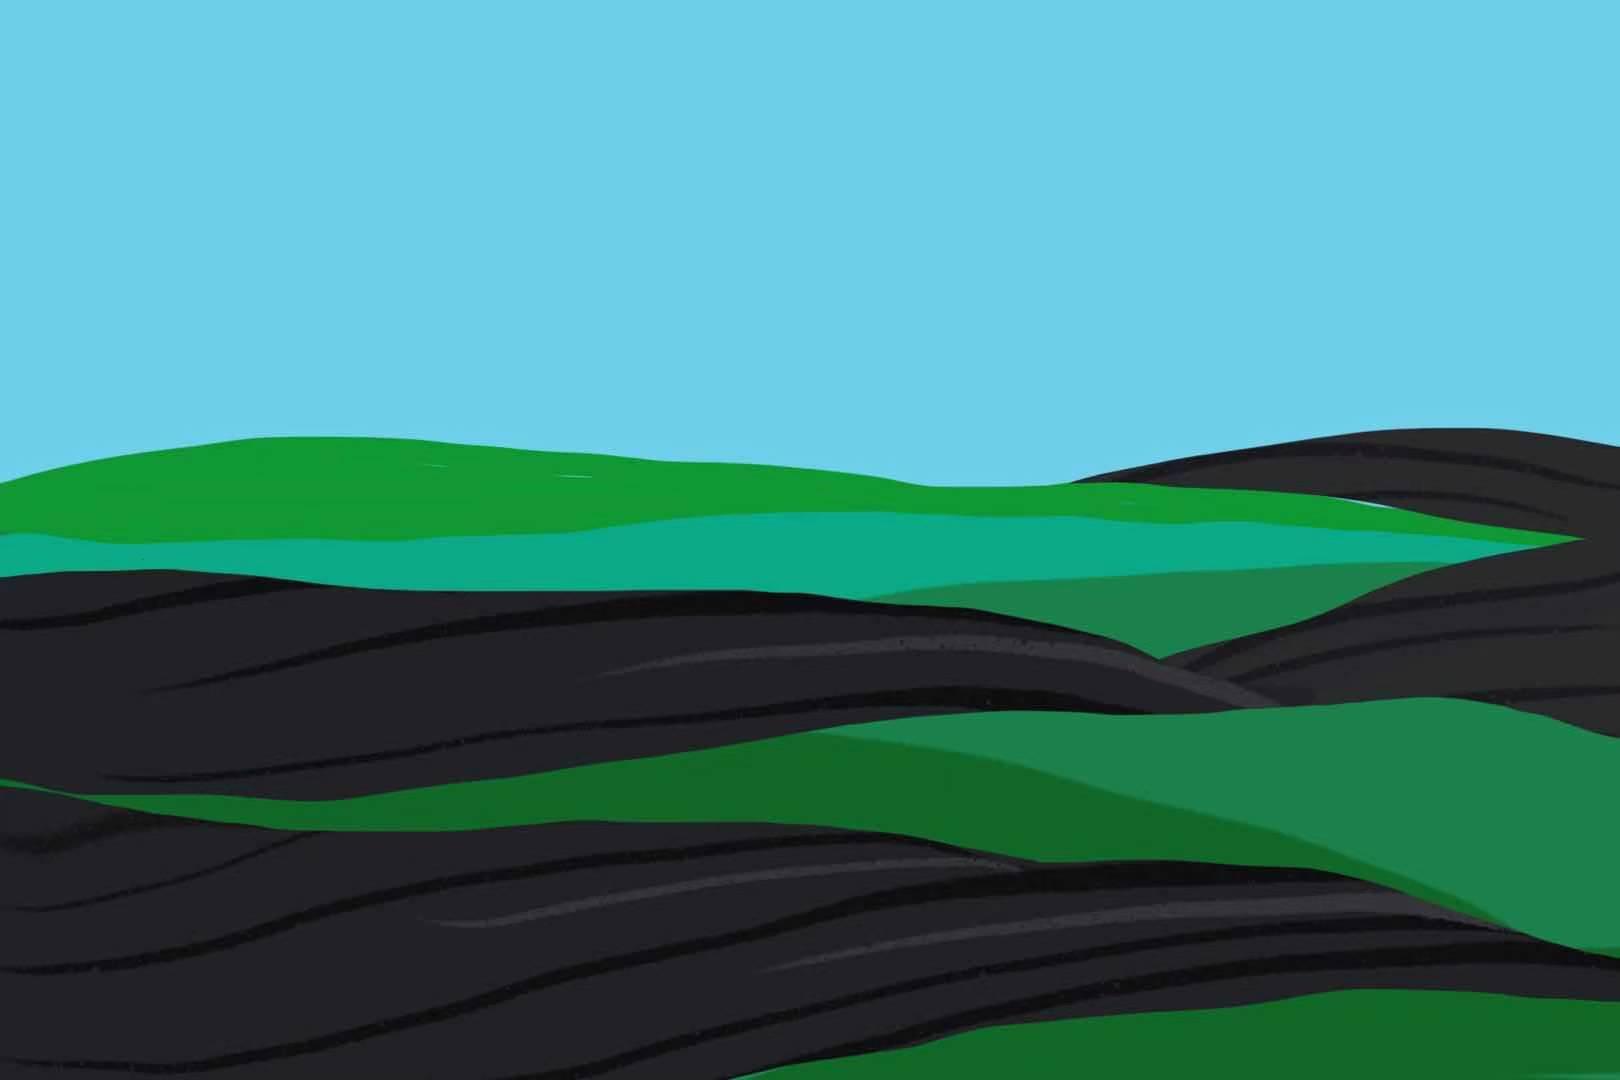 土壤的顏色——東北黑土